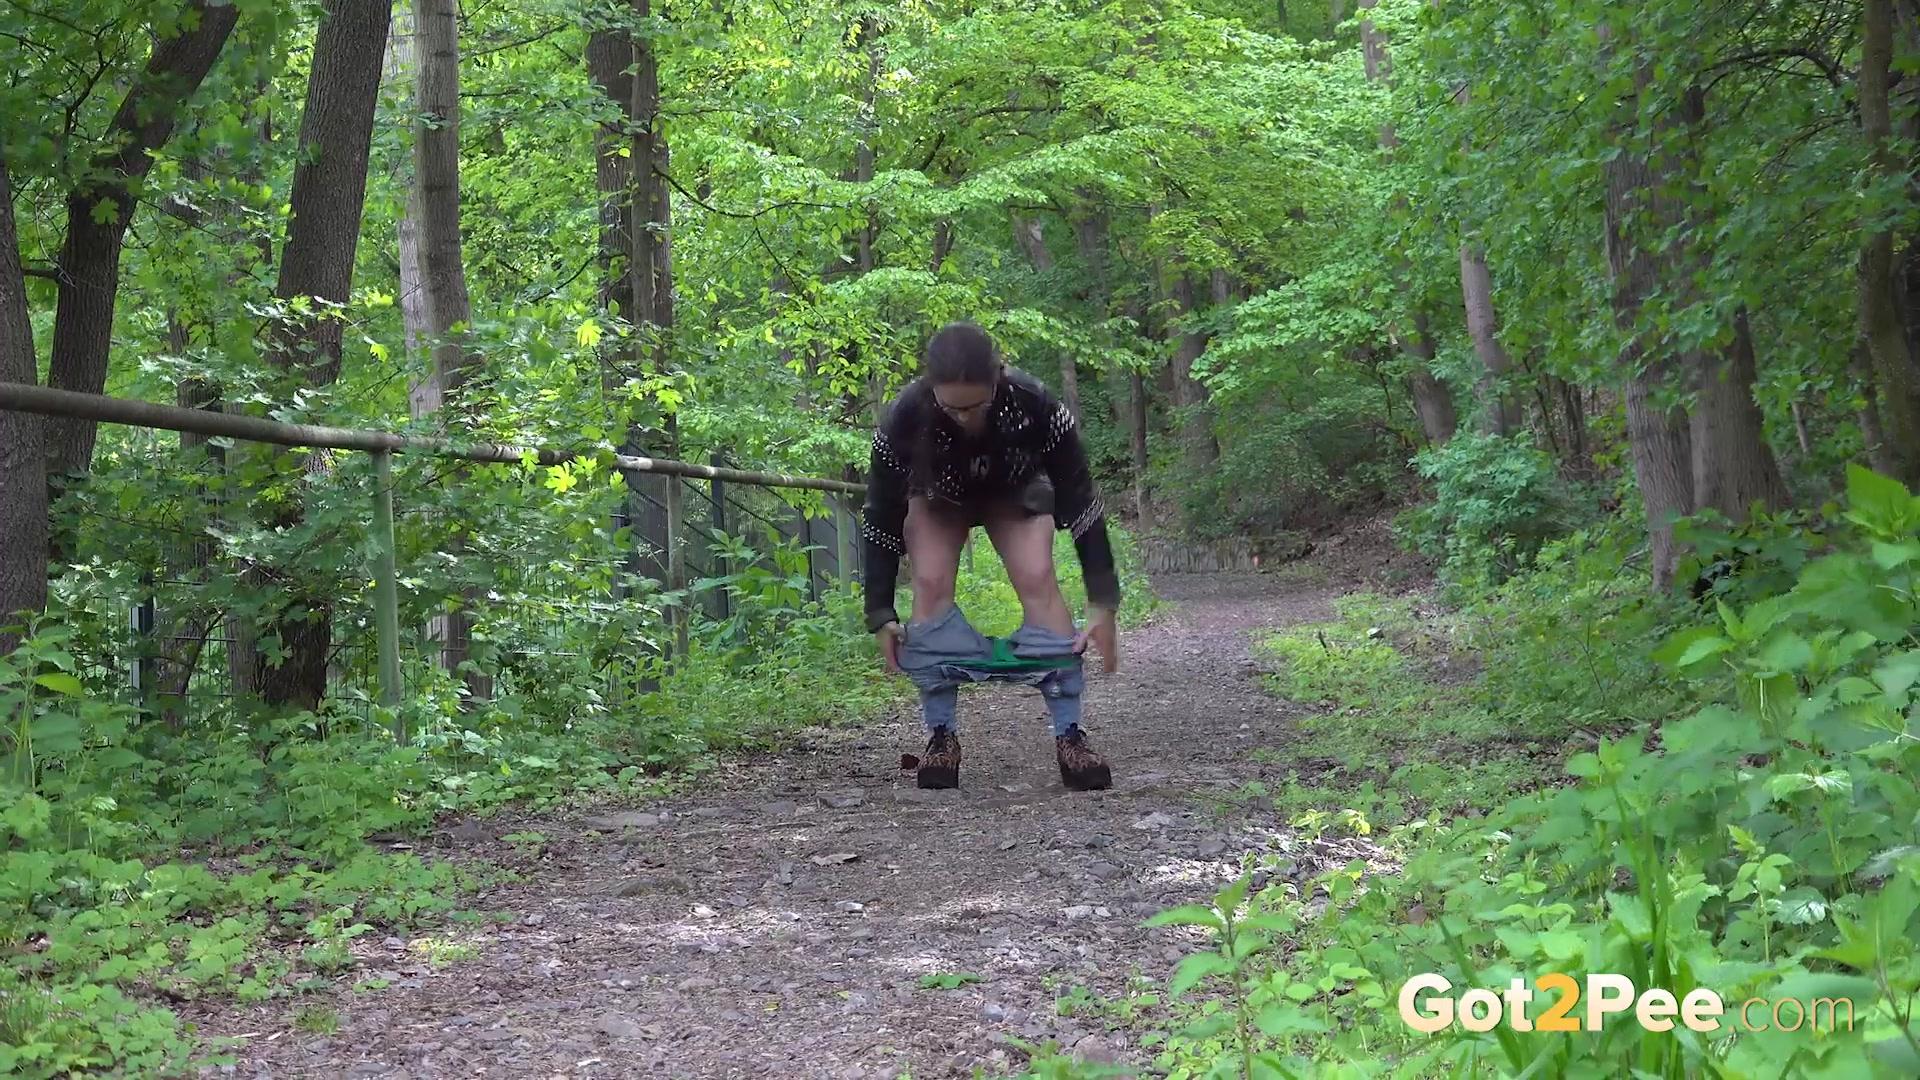 Desperate-In-The-Woods_1080P 00000